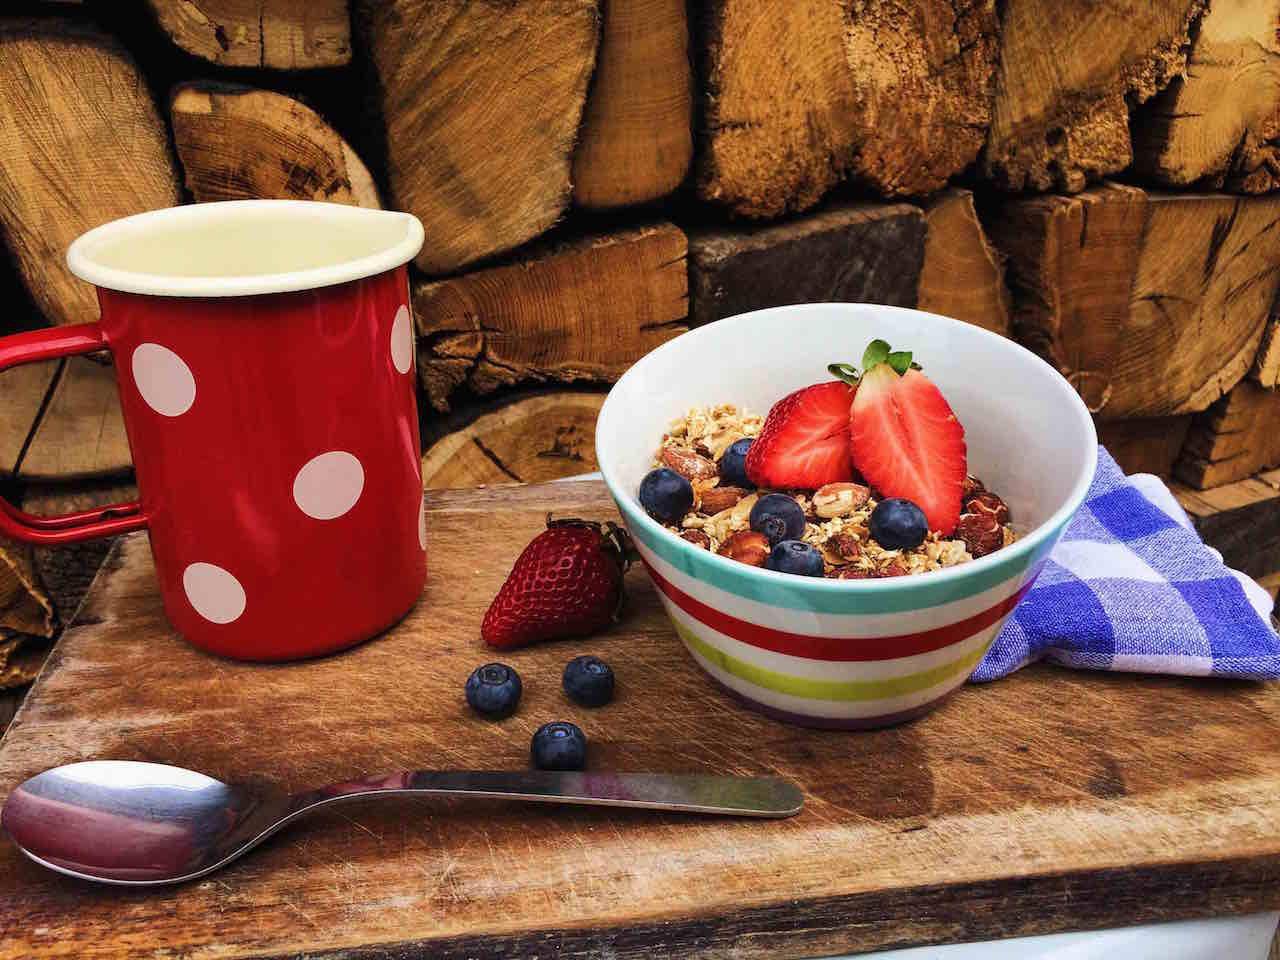 Mladi kreativni direktor Karlo najavljuje brojne inovacije koji će Zagrebu uljepšati jutarnju rutinu doručka ili pak zasladiti dan.